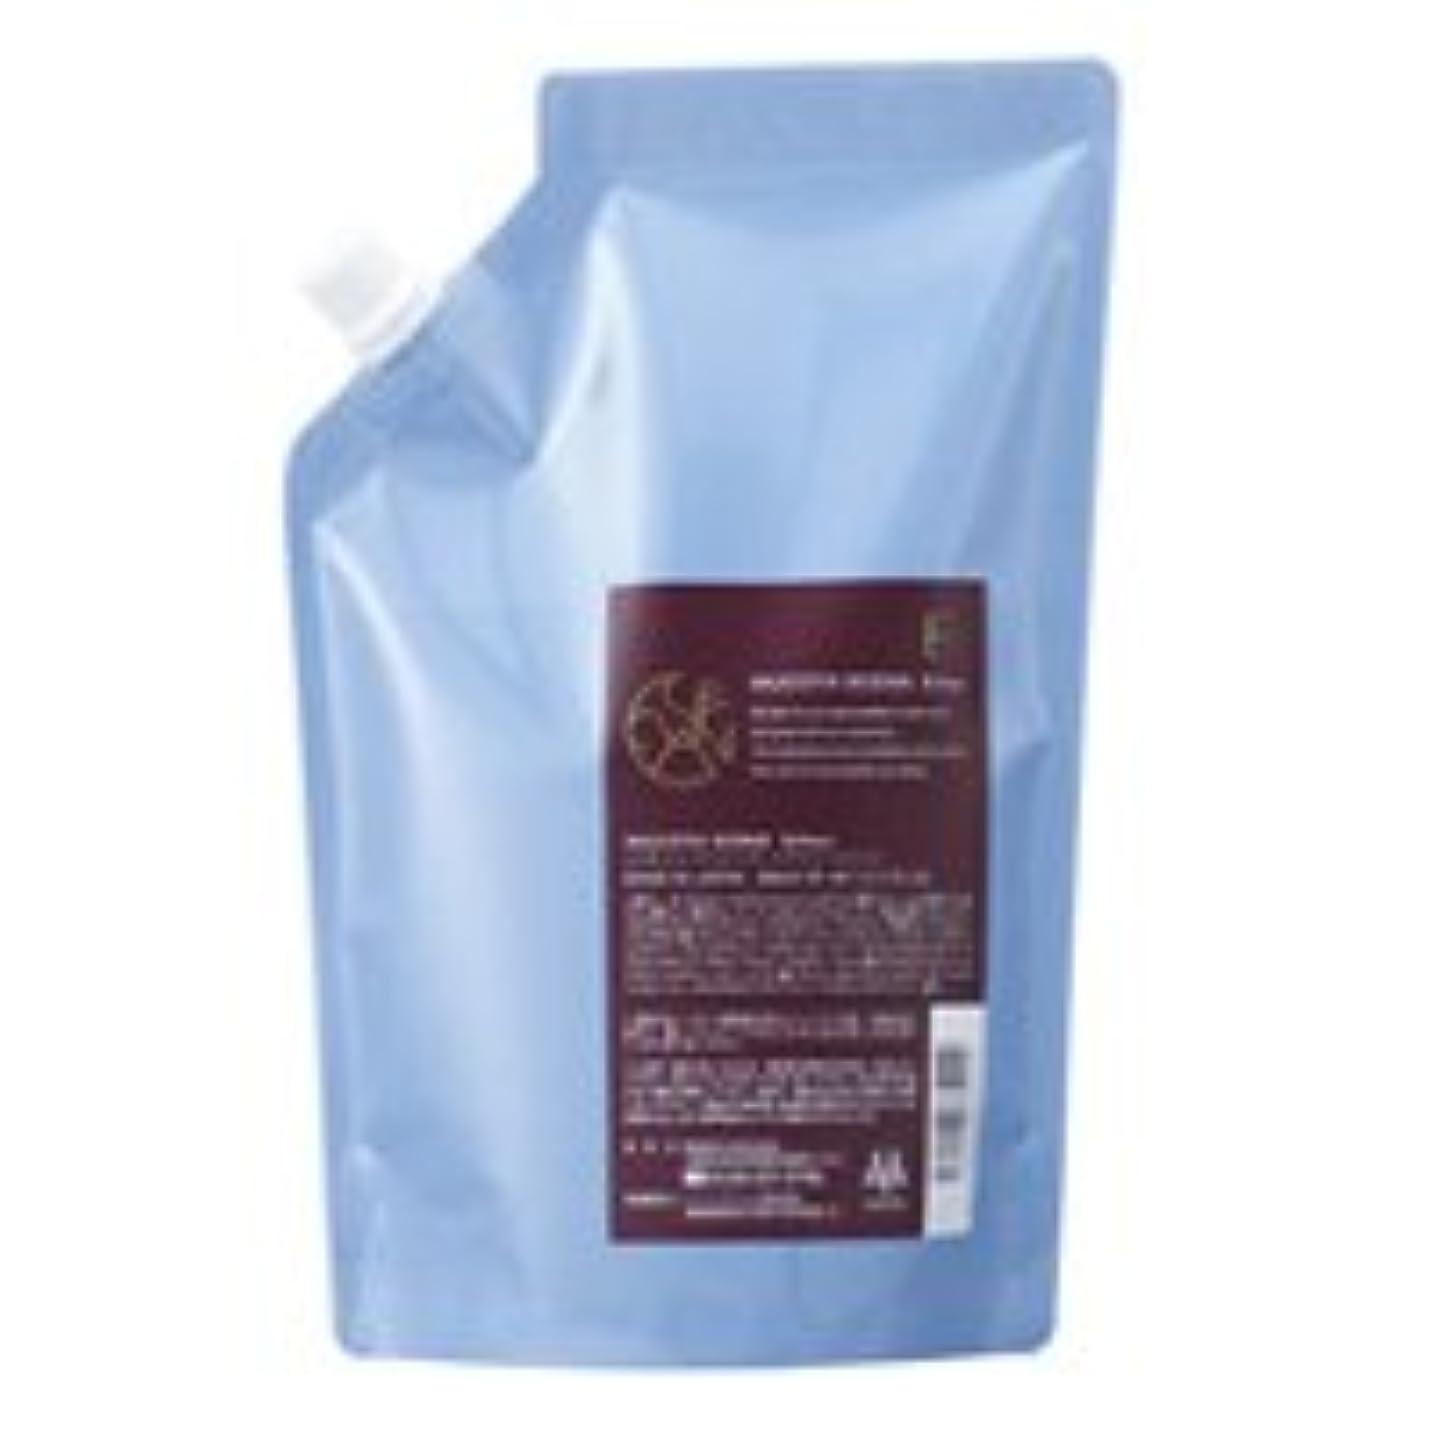 カブ袋勧告ムコタ シェーナ エートス800ml(業務・詰替用)